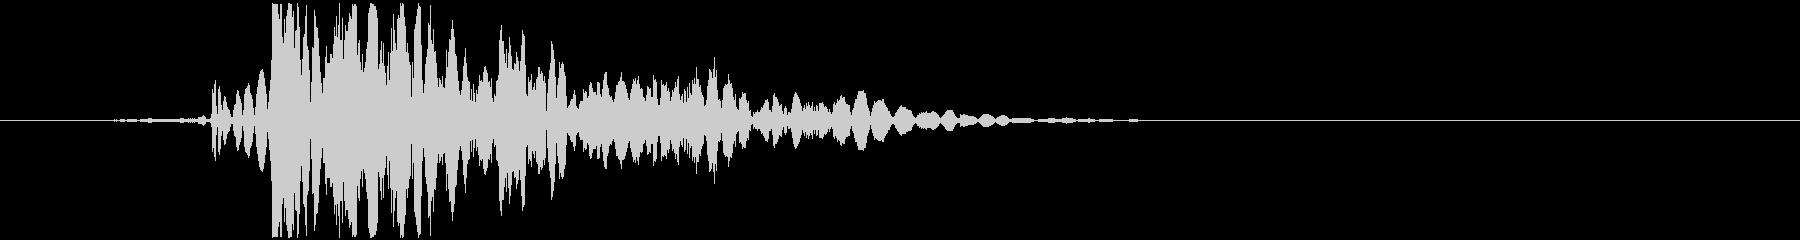 ハードフェイスパンチヒューマンイン...の未再生の波形